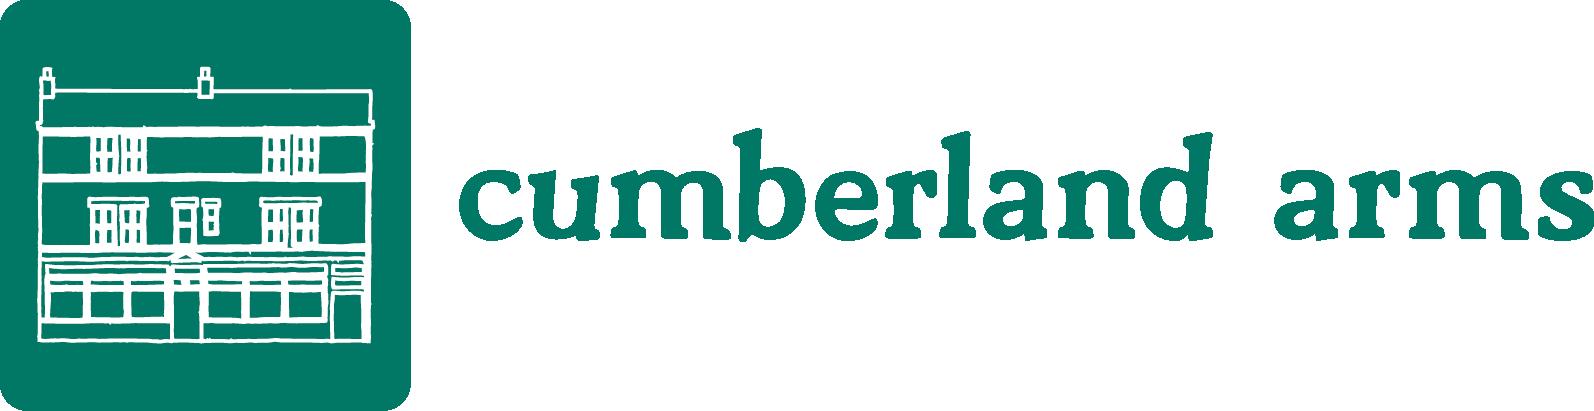 Cumberland Arms logo